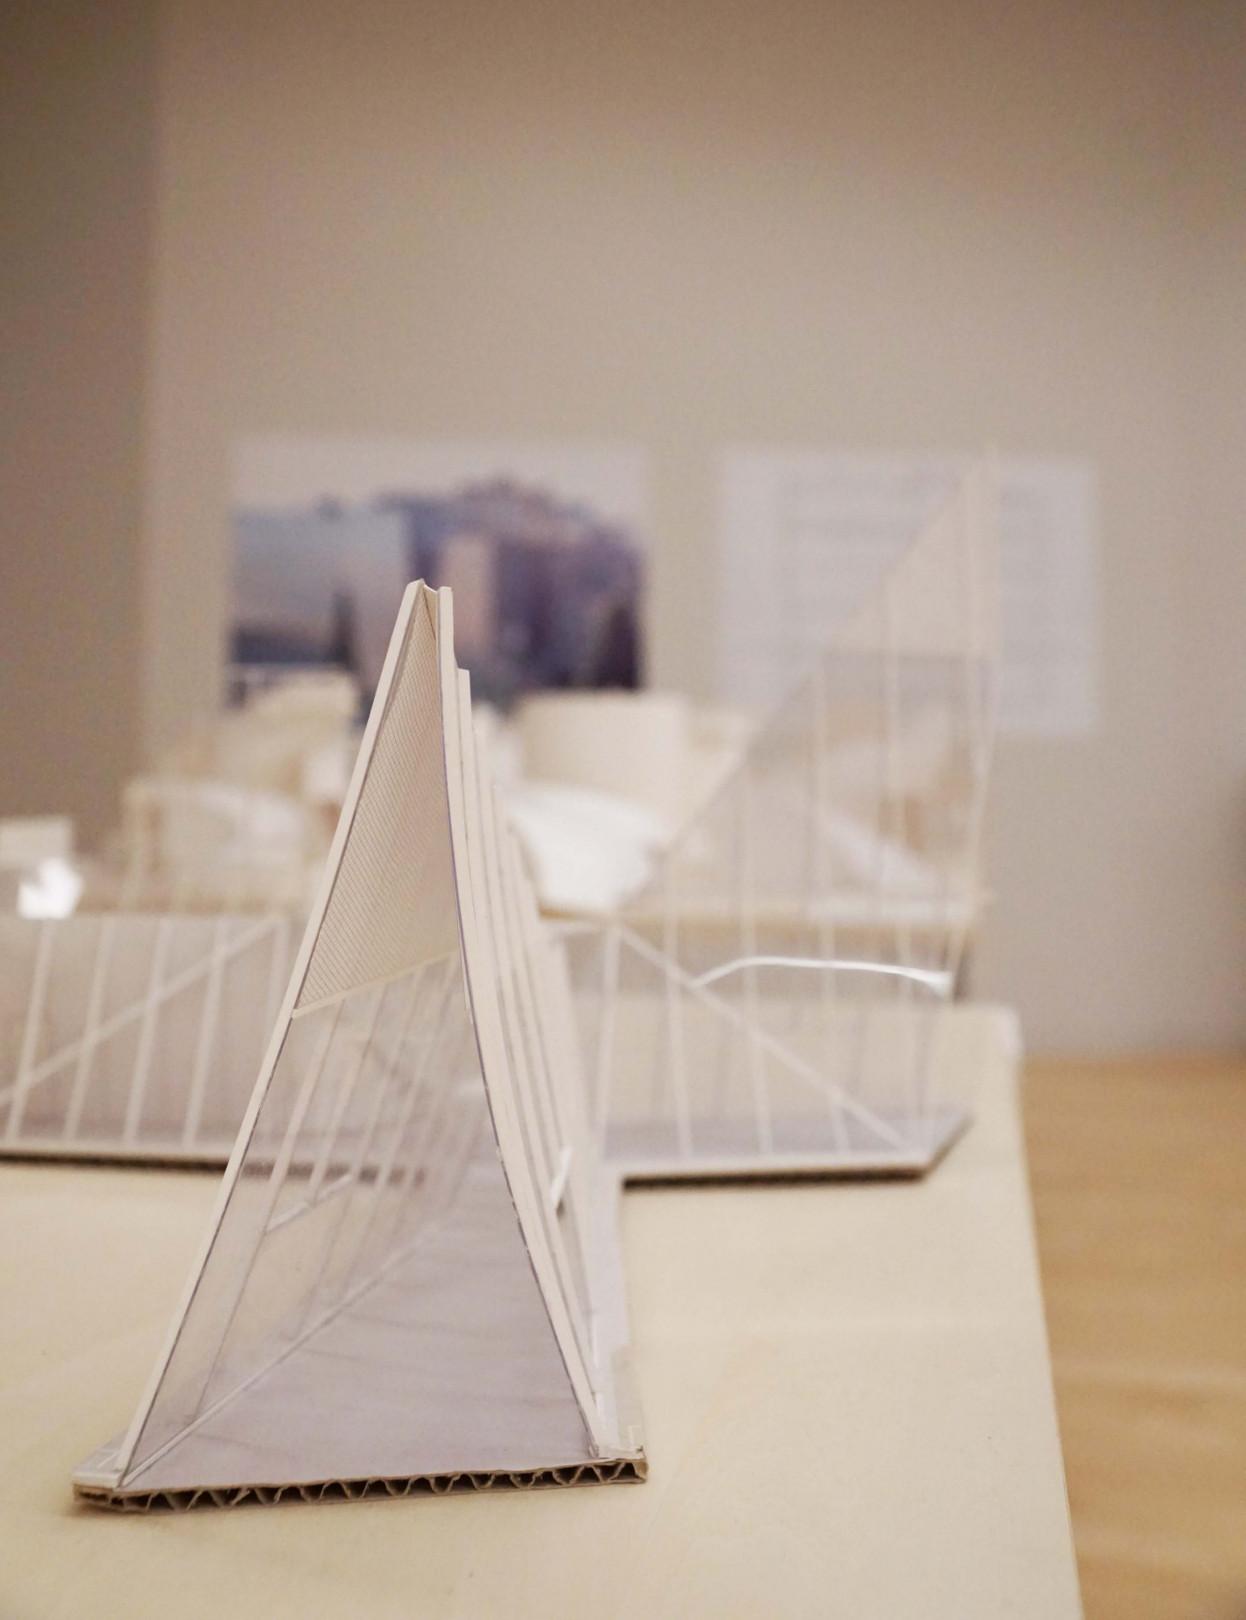 企画展「妹島和世 SANAA × 北斎」開催中